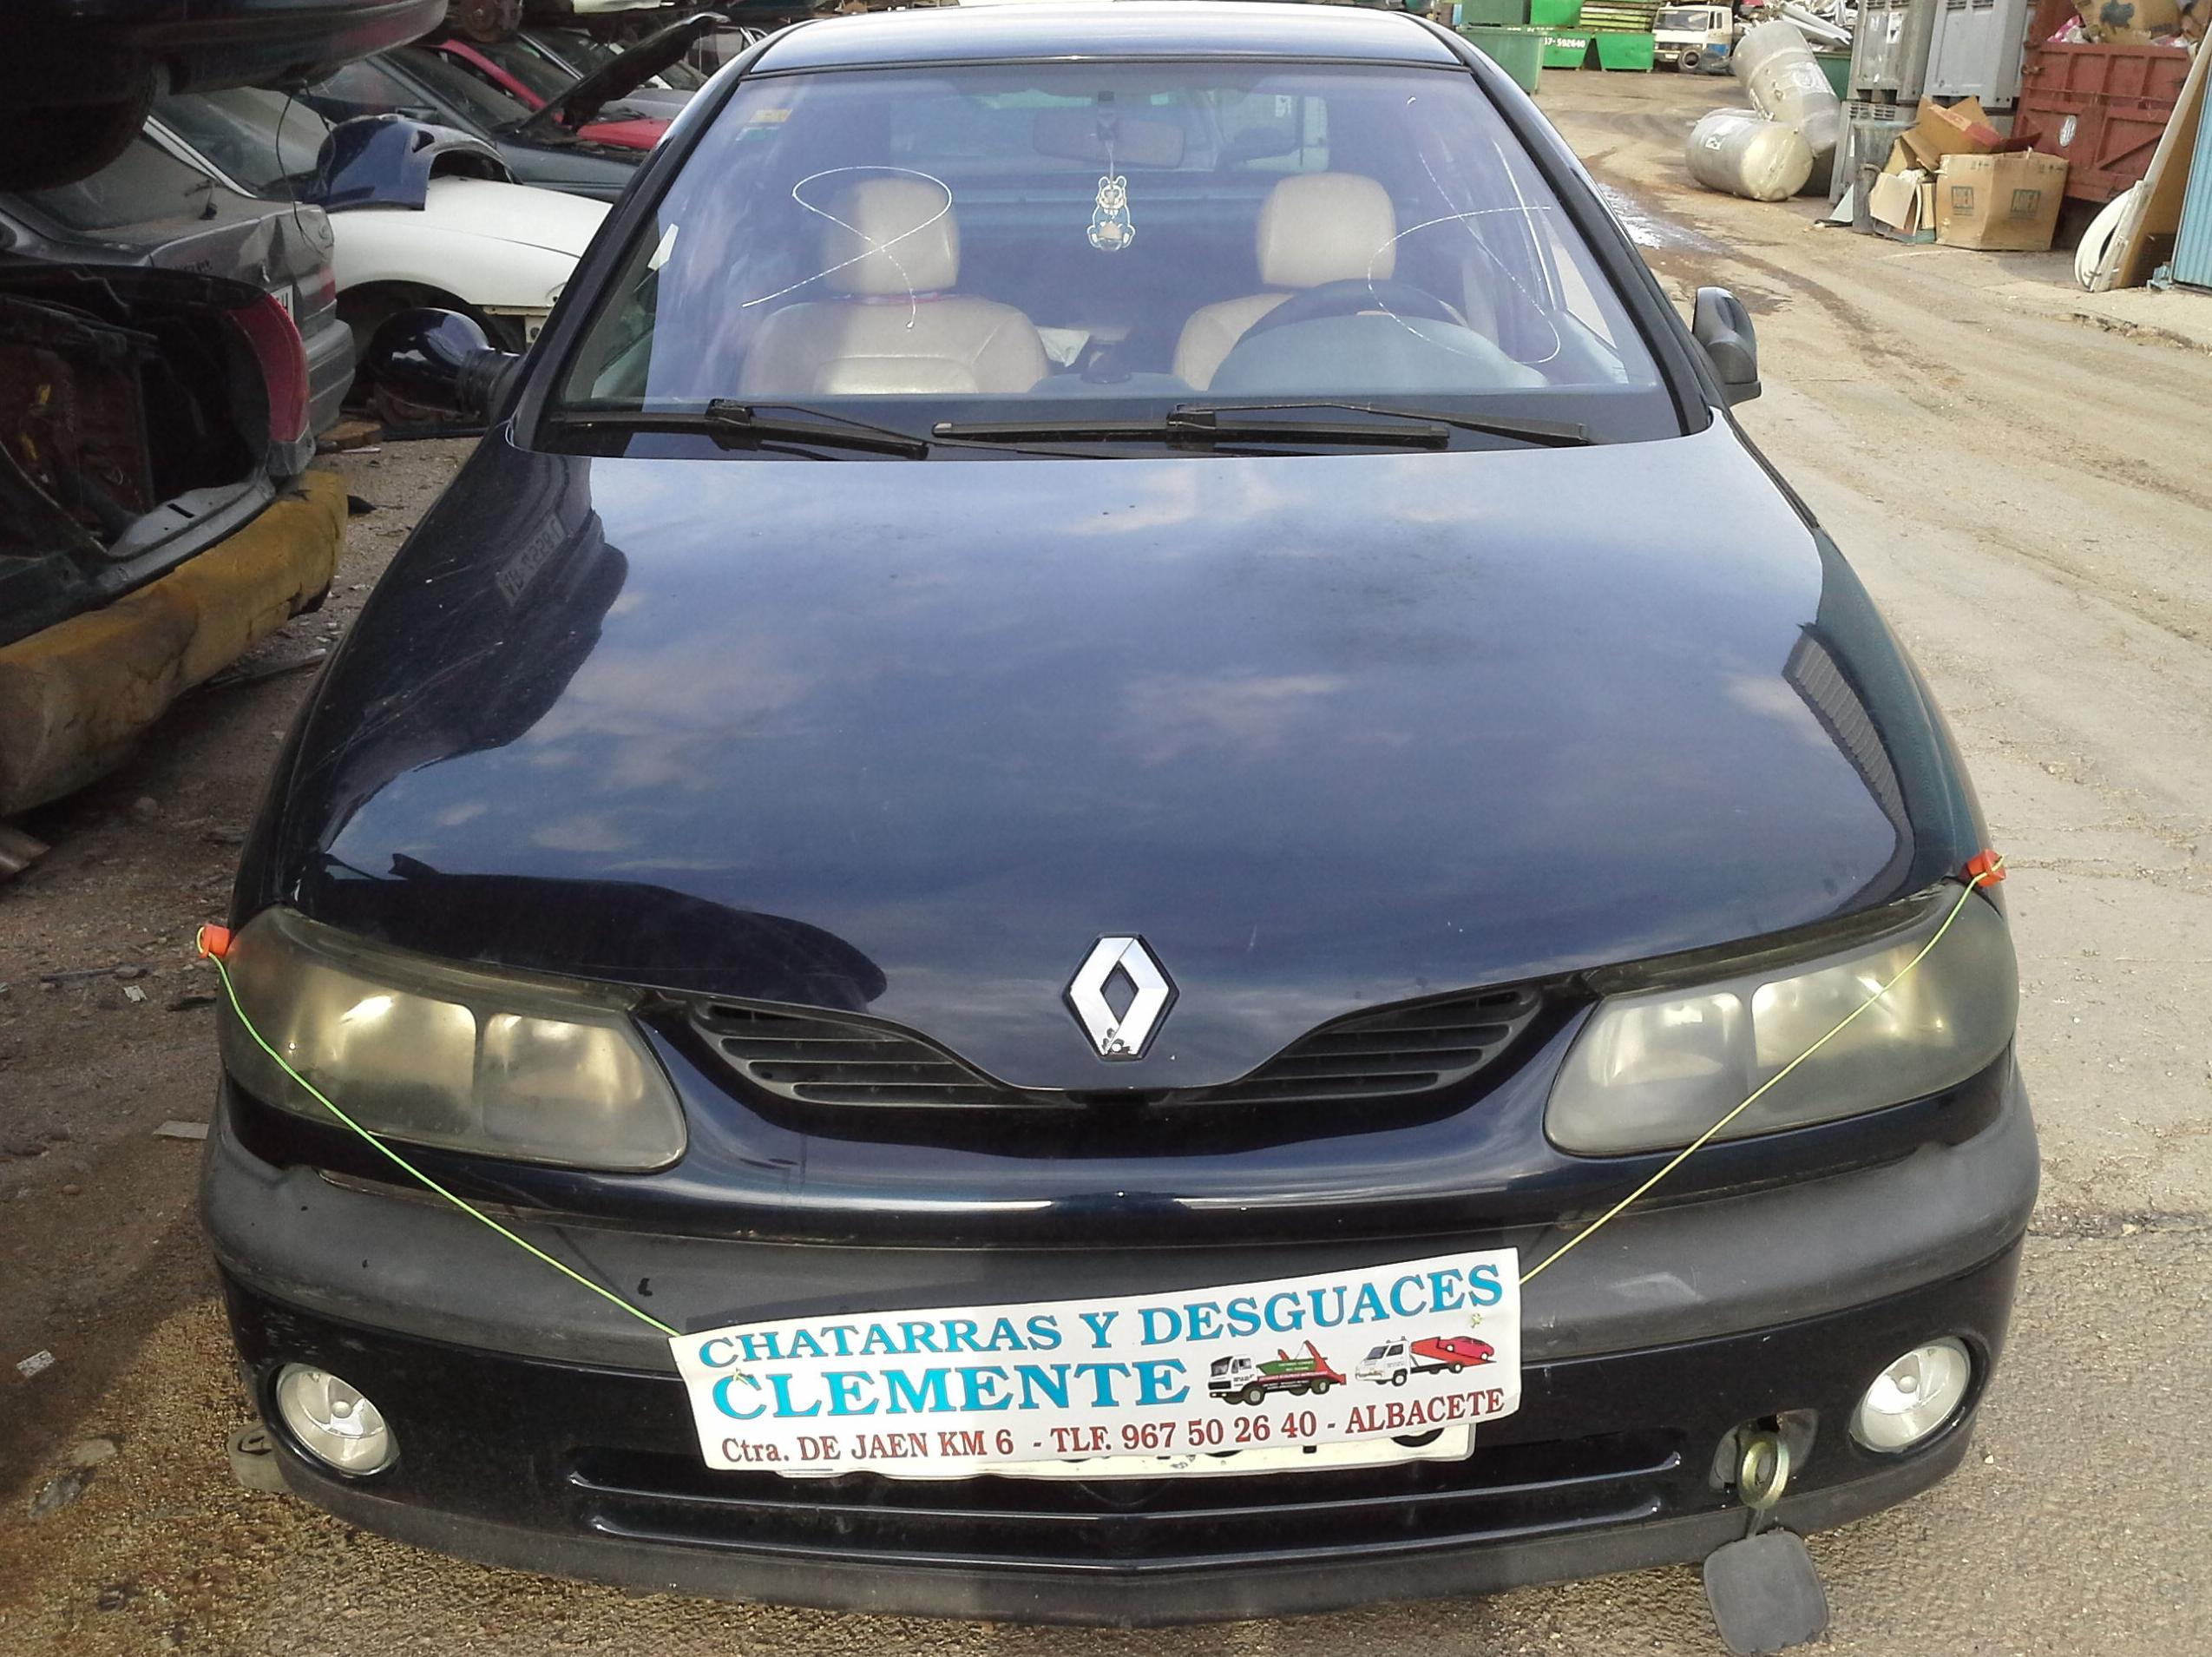 Renault Laguna para desguace en Albacete. Desguaces Clemente